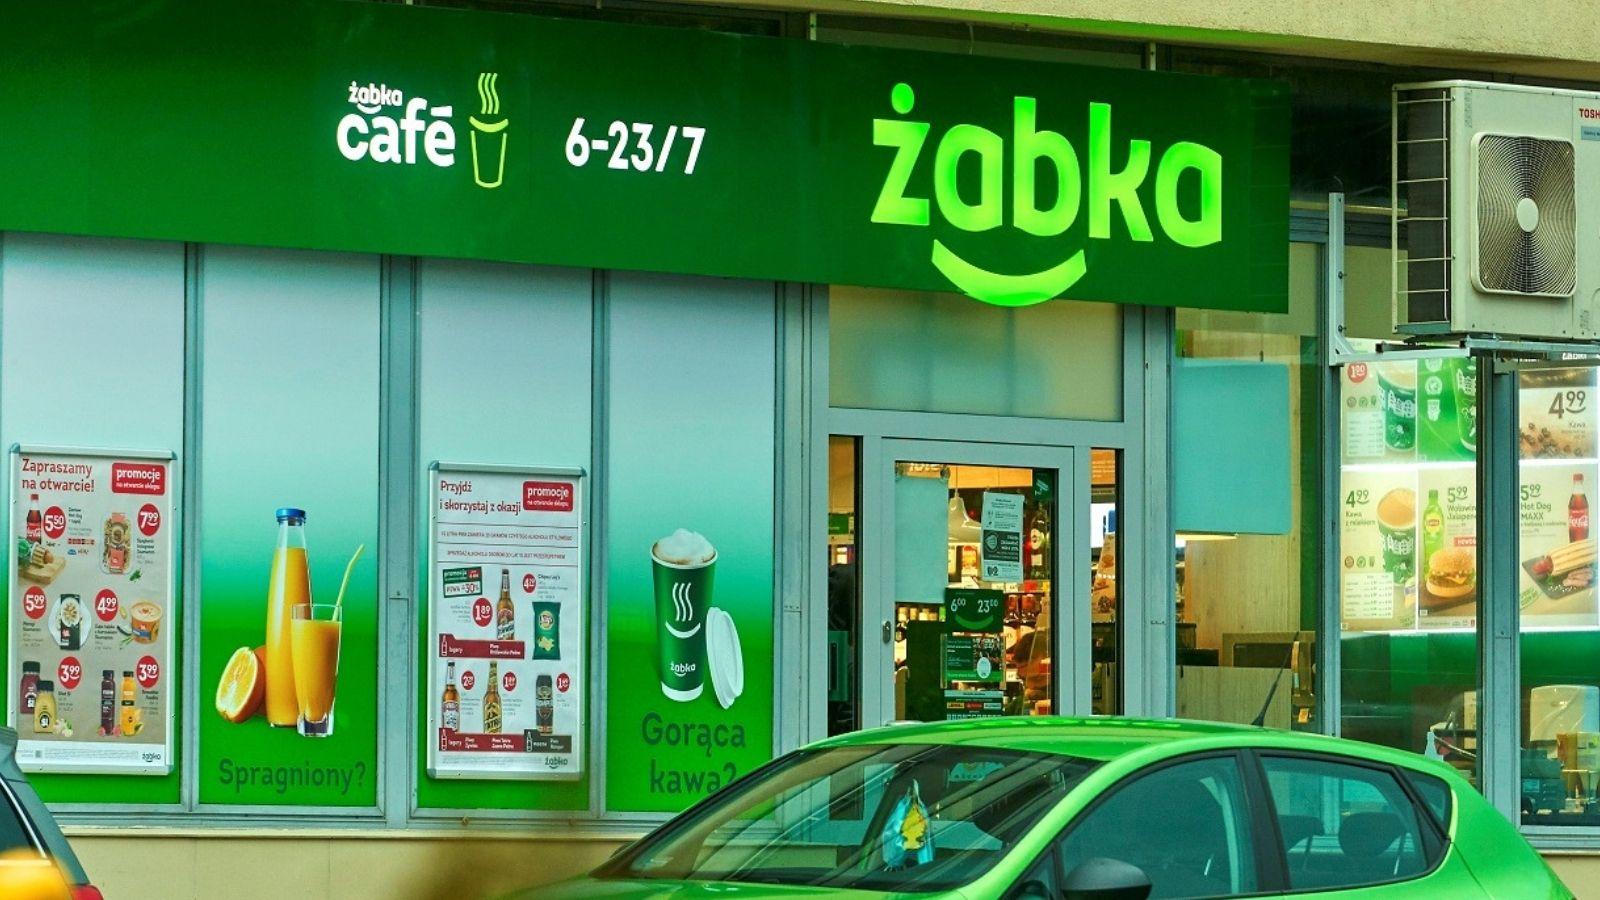 Żabka zakończyła największy remodeling sklepów w Europie Rebranding mediarun zabka